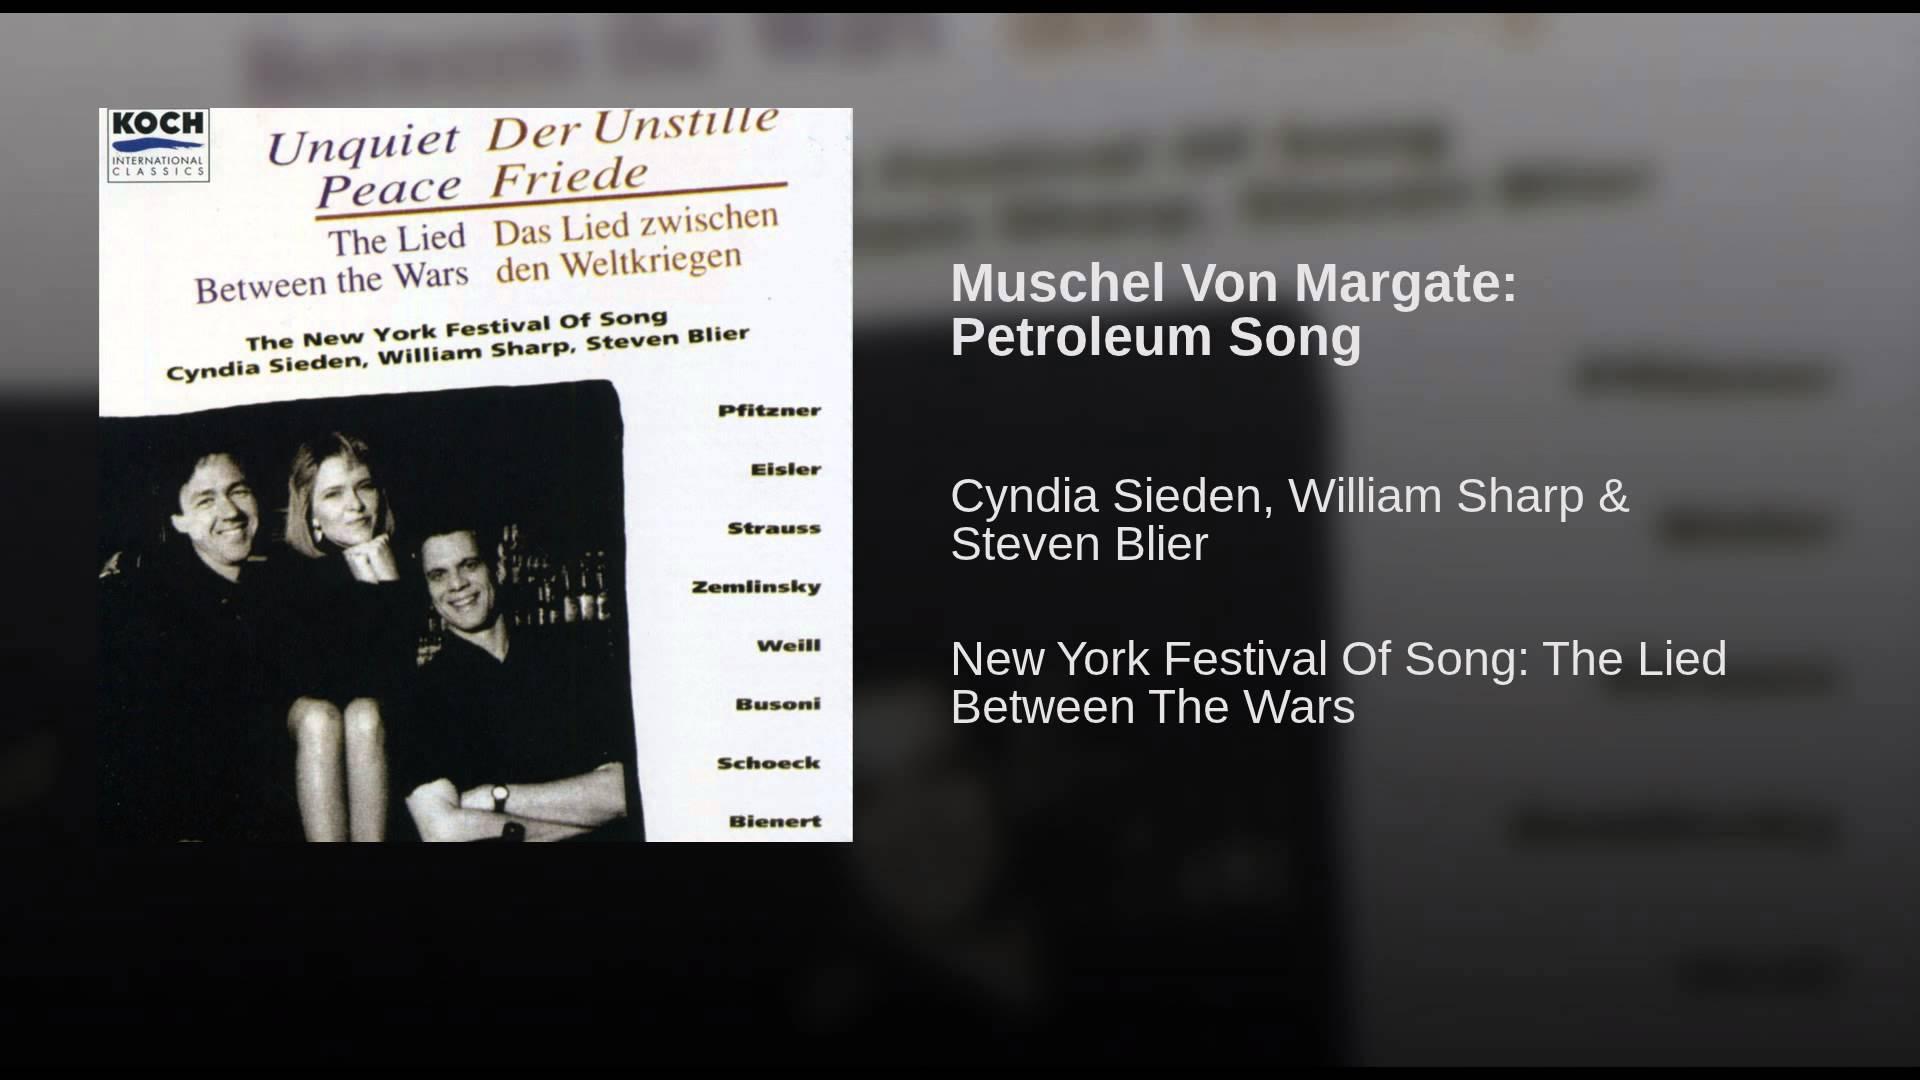 Kurt Weill:  Muschel von Margate